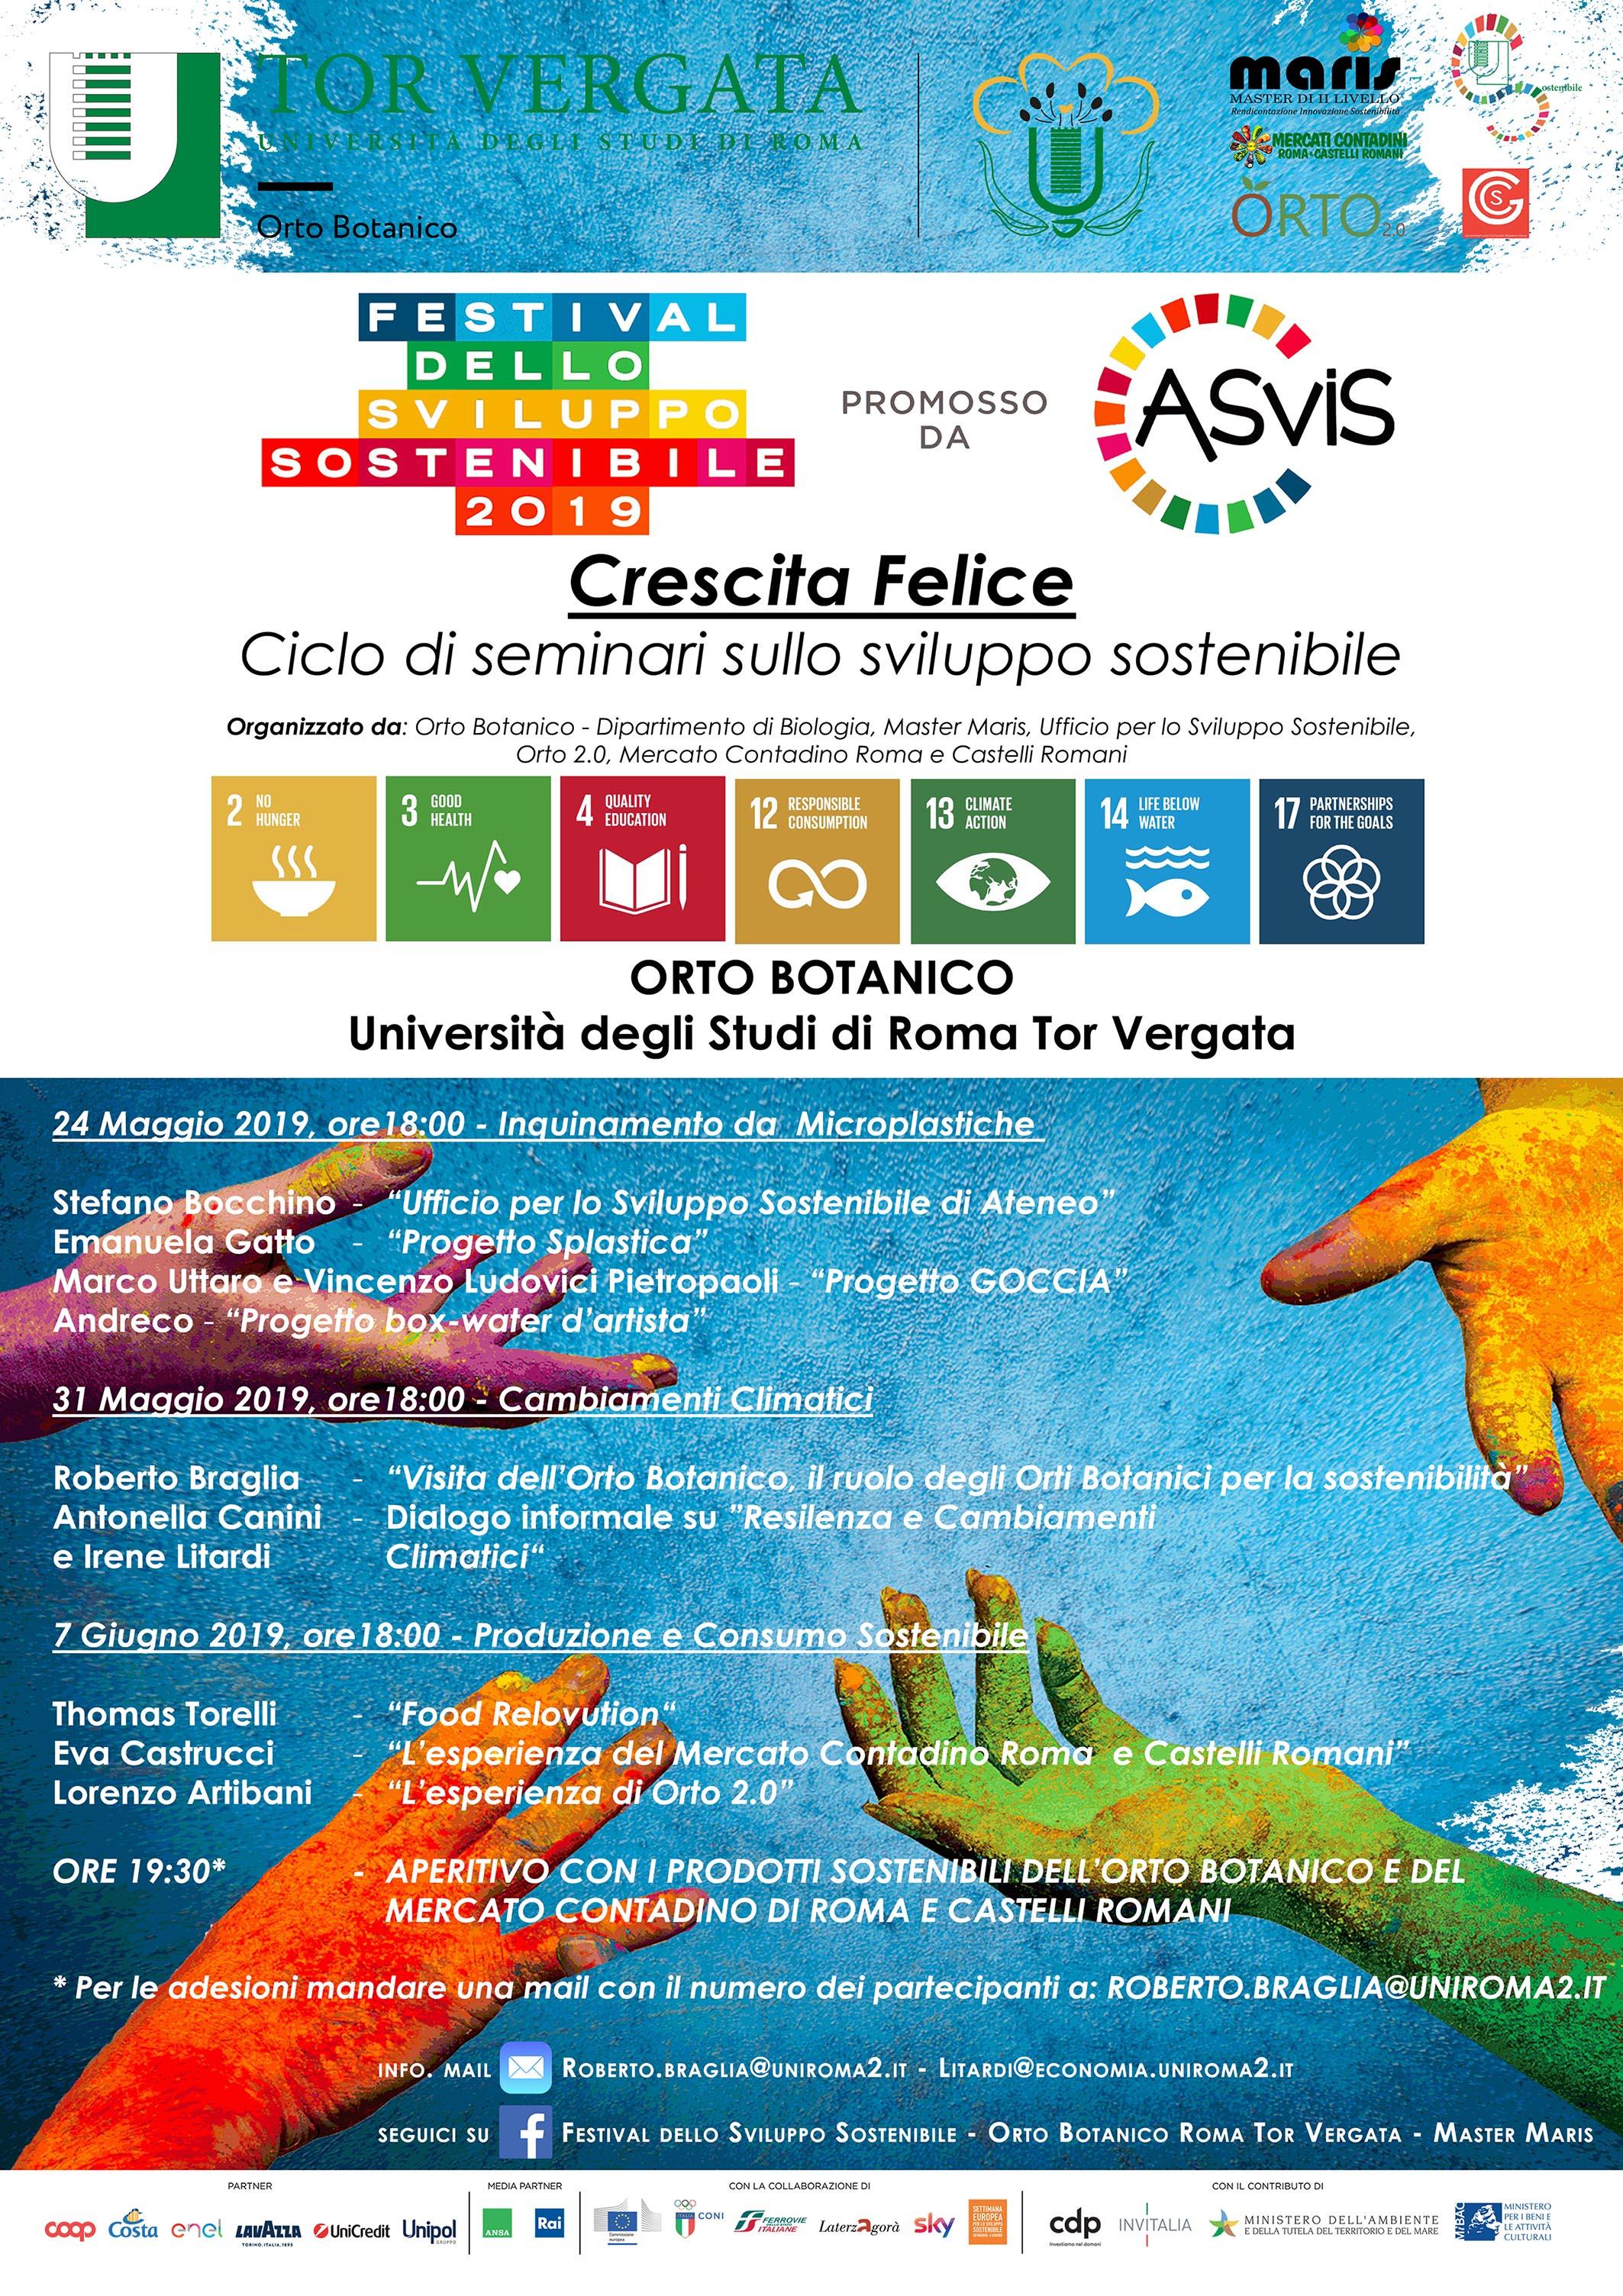 Crescita Felice – Ciclo di seminari sullo sviluppo sostenibile